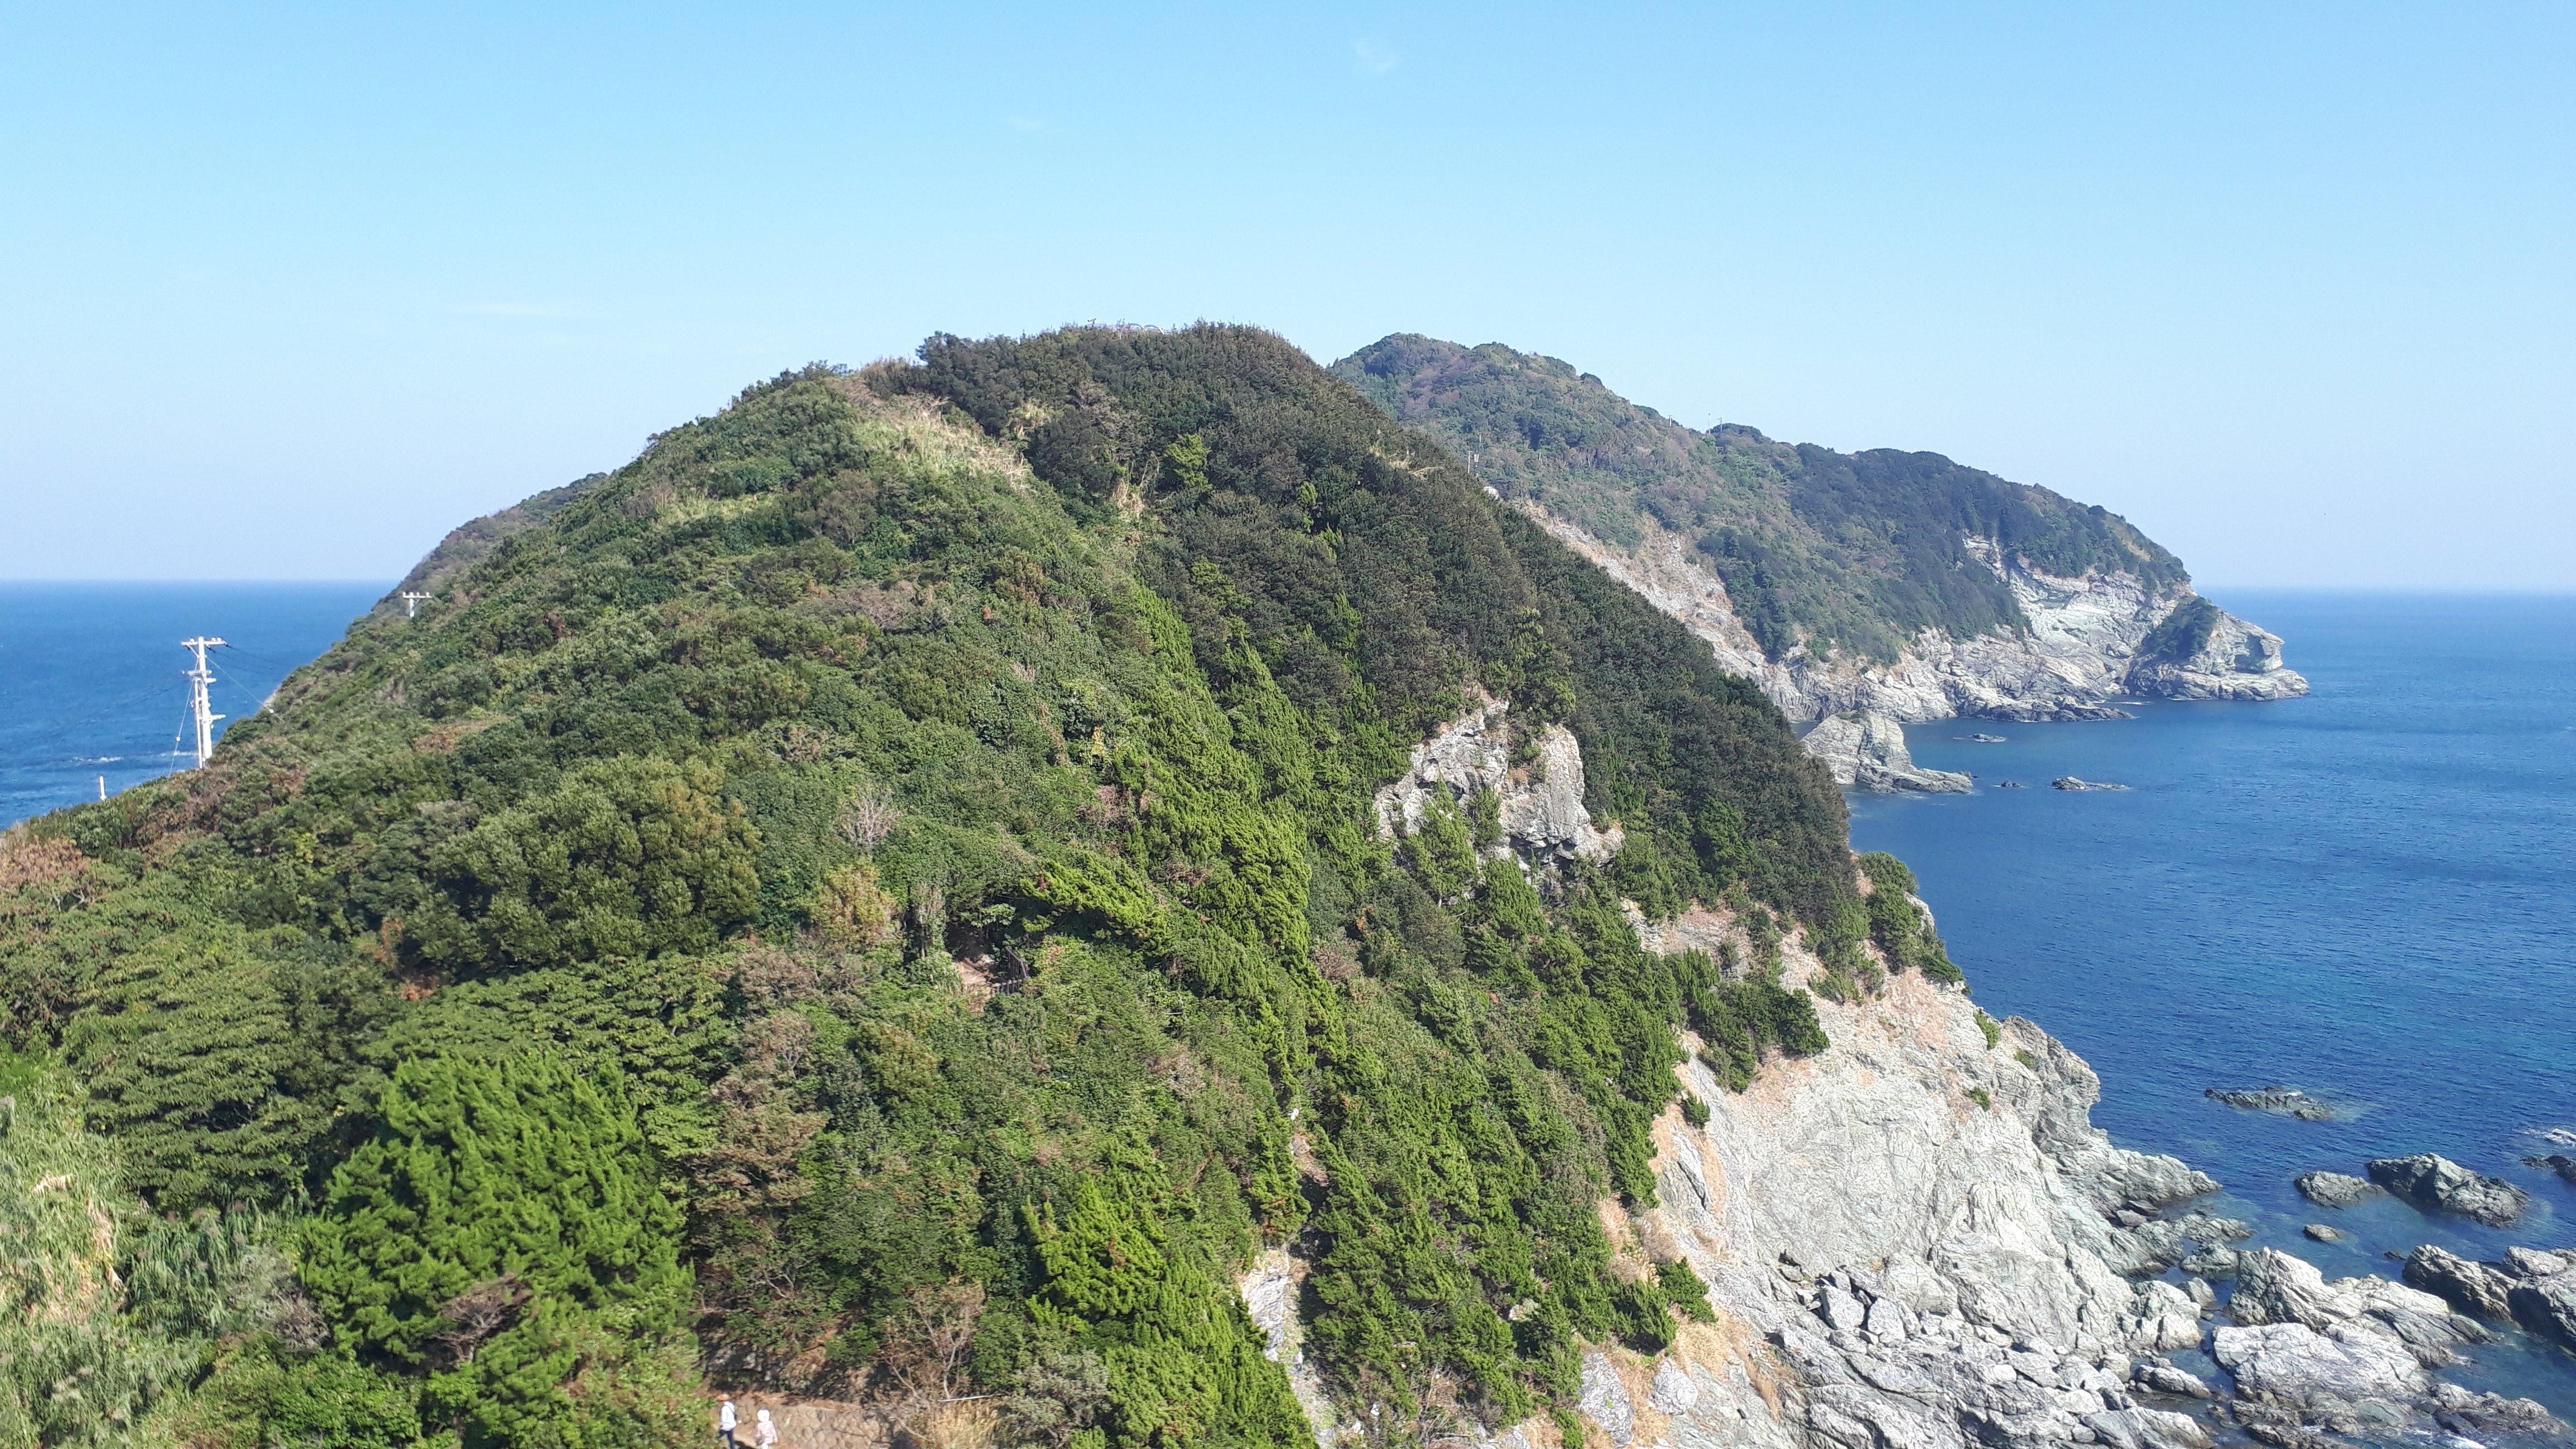 1年に1度だけ!?四国最西端の「佐田岬灯台」の一般公開に行ってきました!